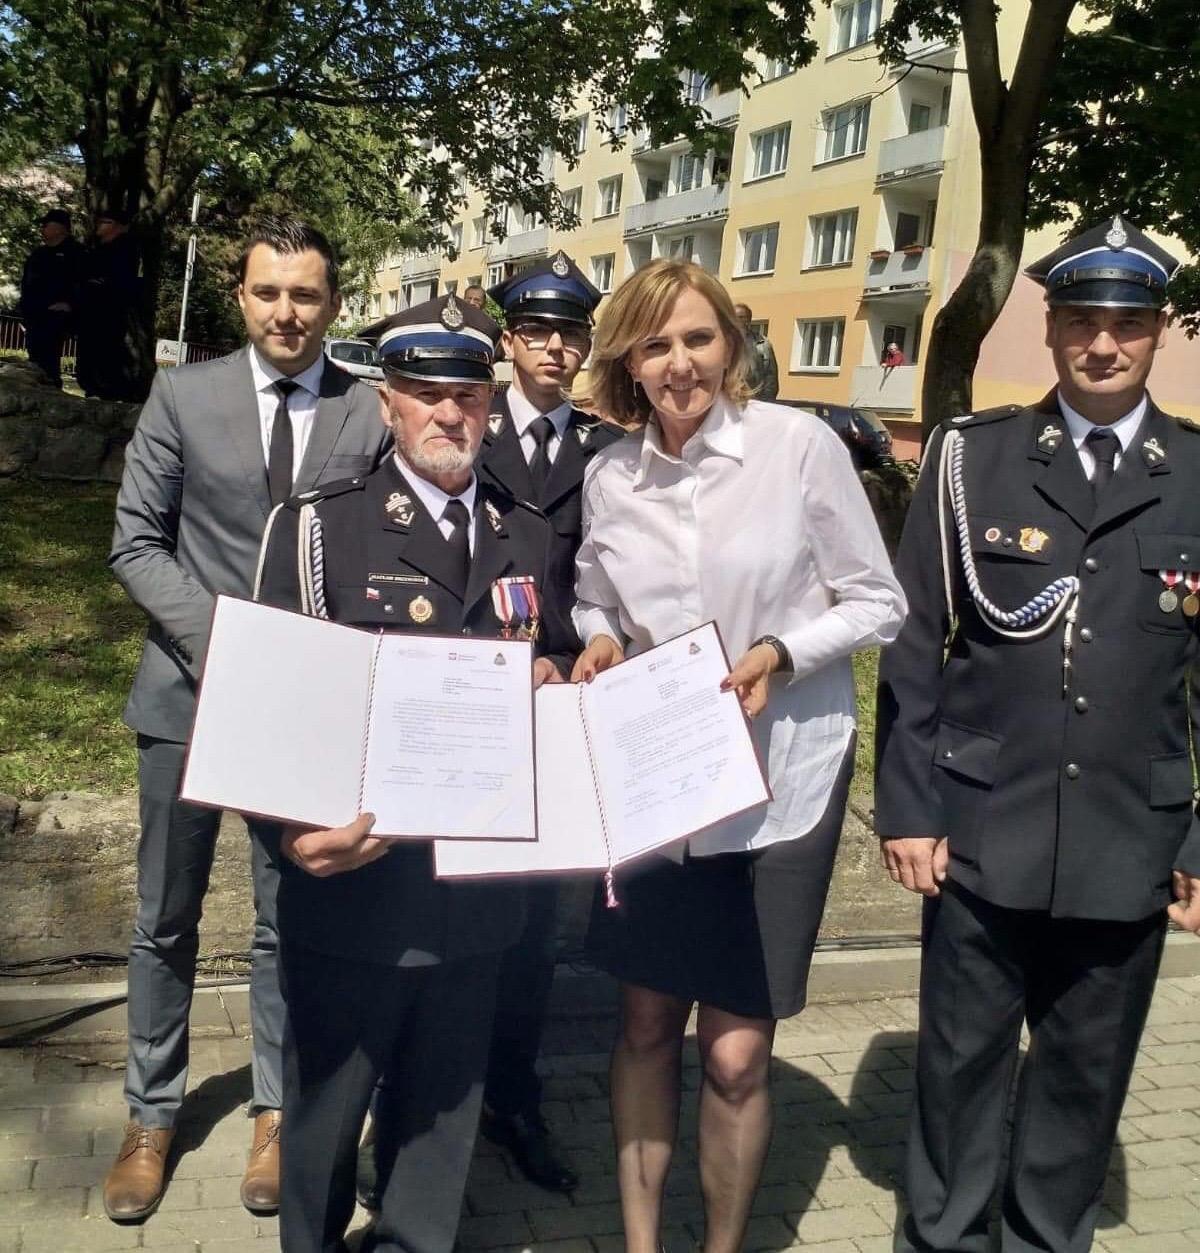 Podpisanie umowy na zakup wozu strażackiego dla OSP w Ładzinie